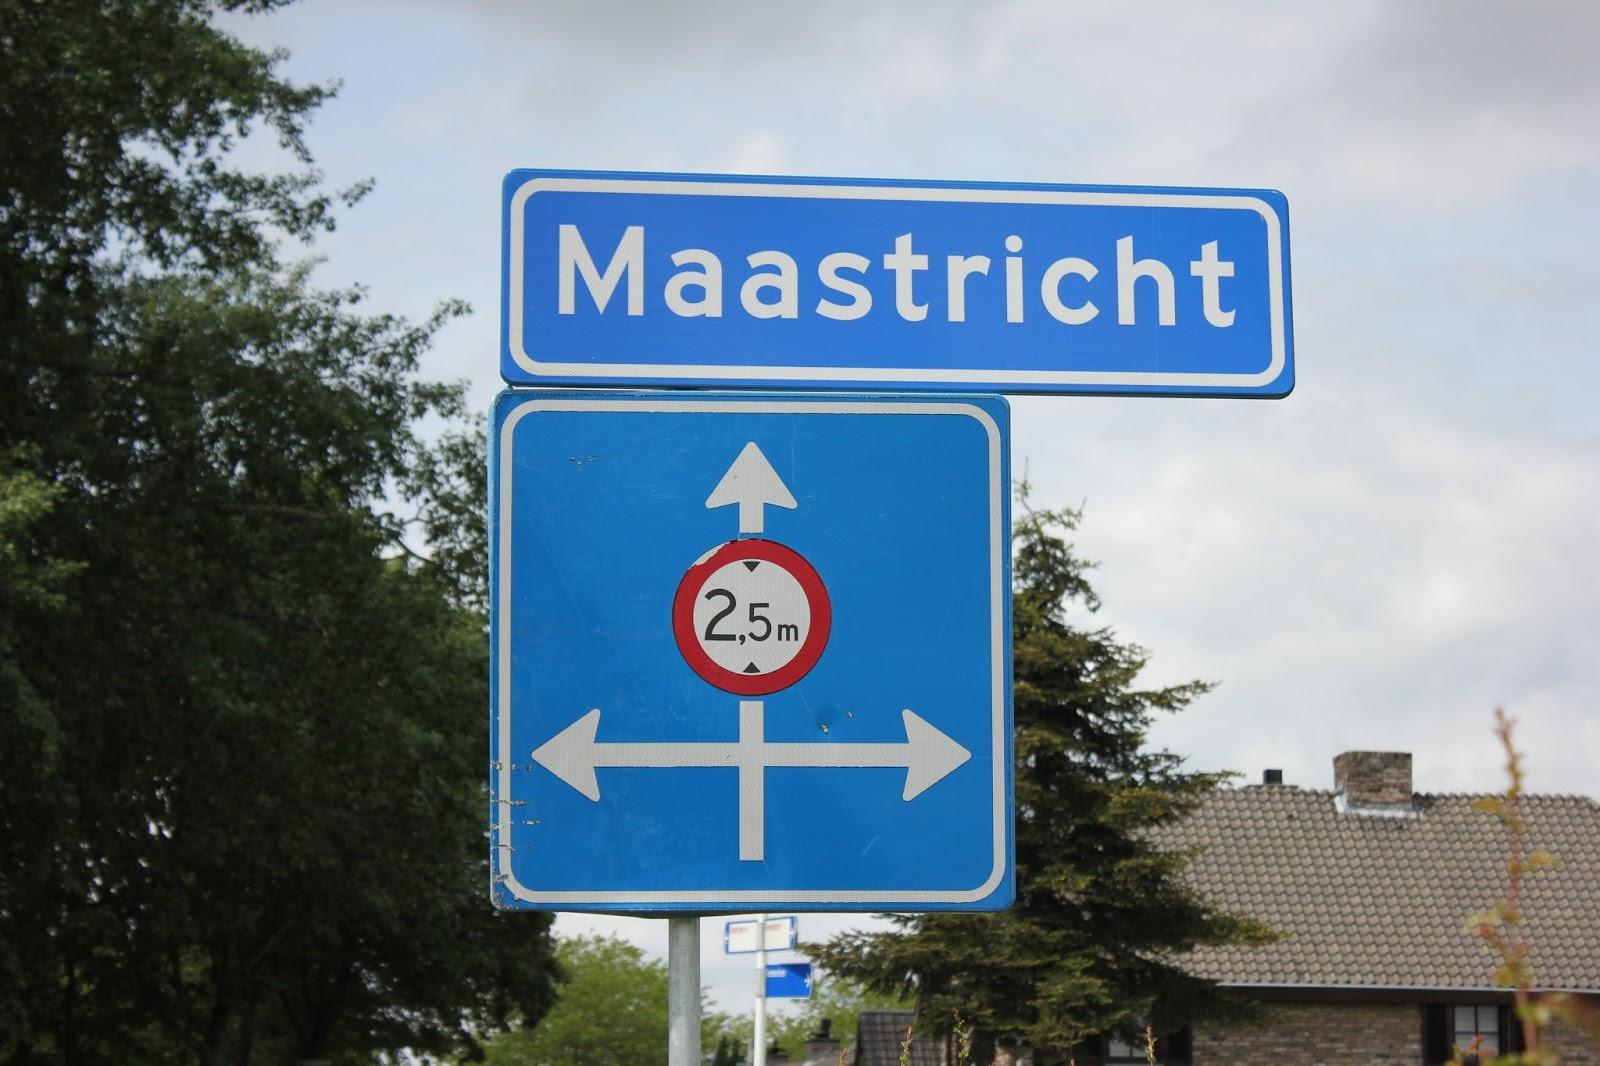 Pieterpad lopen: van valkenburg naar maastricht op 21 mei 2016.